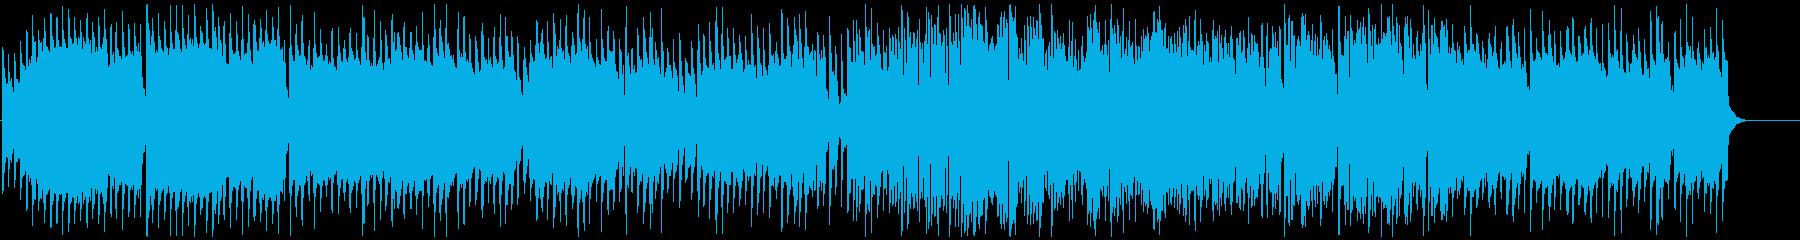 トイピアノとやわらかい音色の古いサックスの再生済みの波形